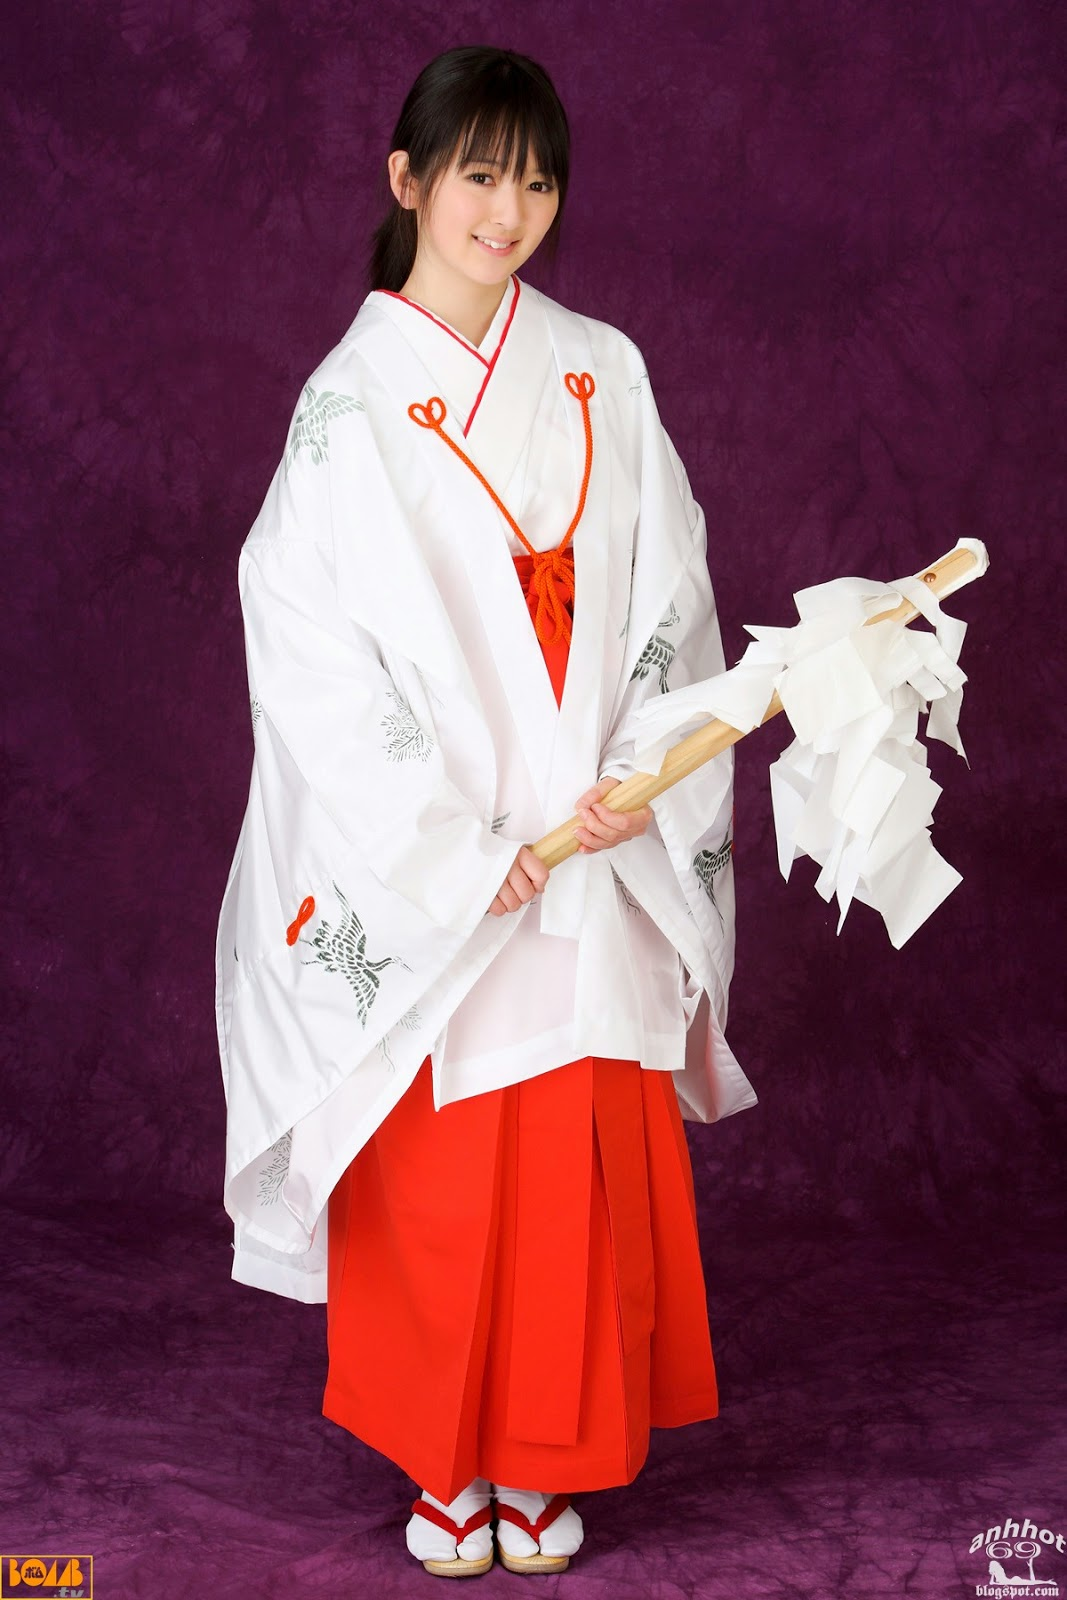 saki-takayama-01316334